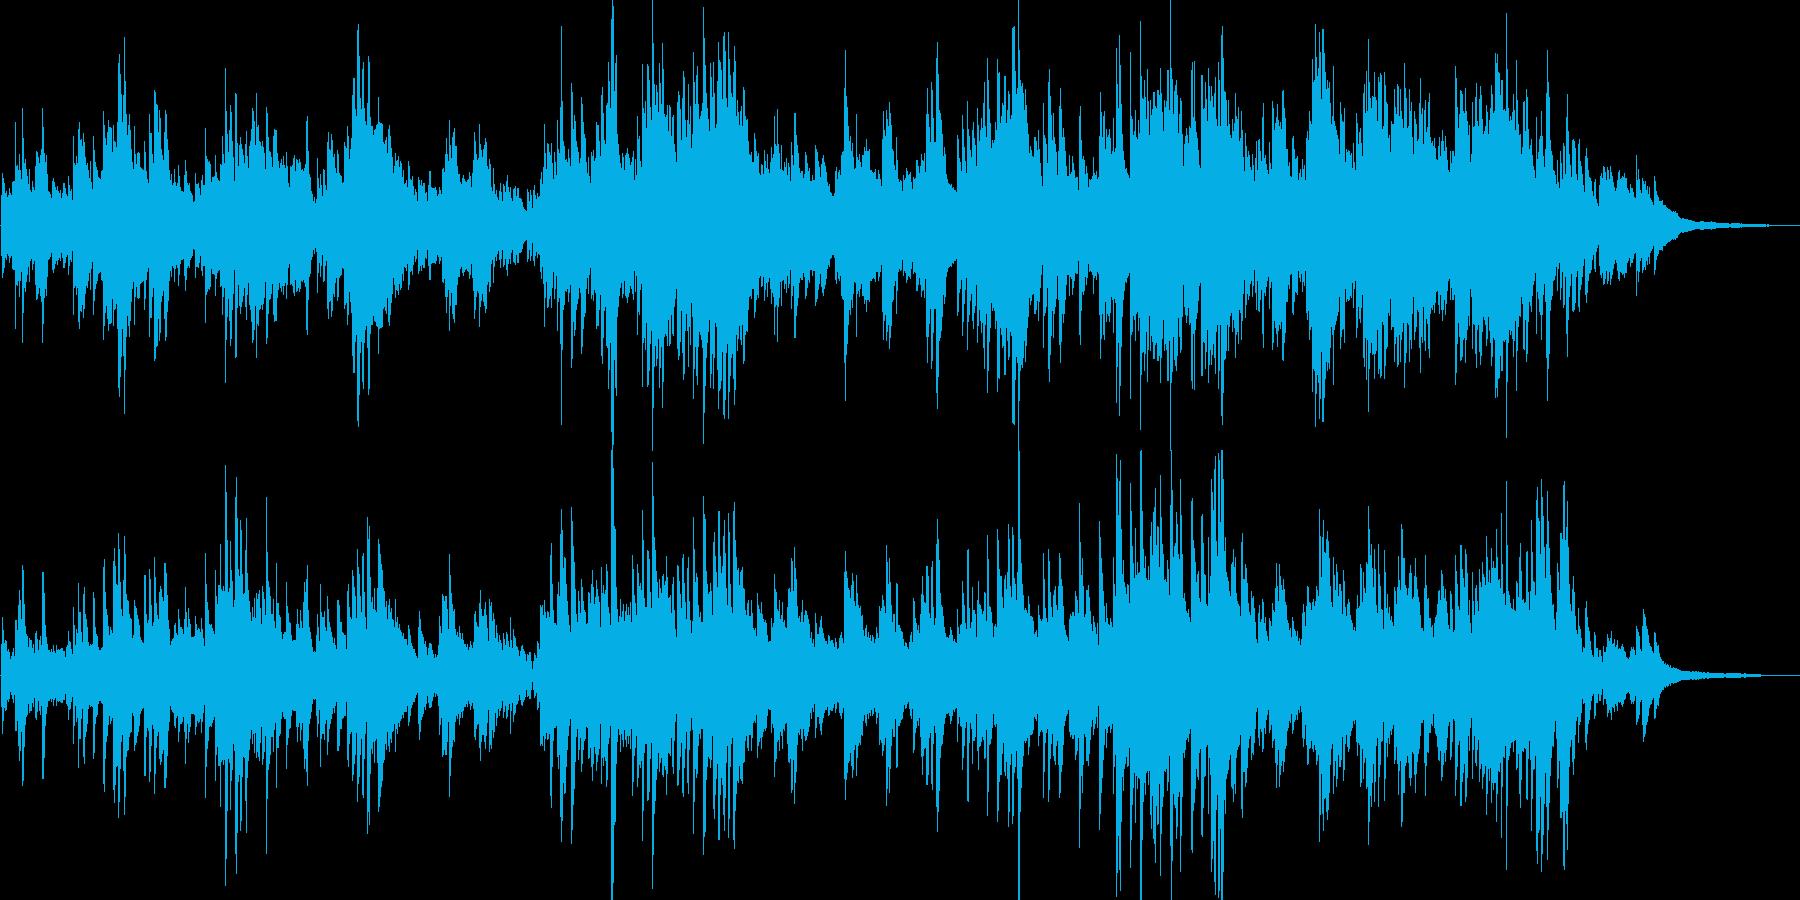 クラシック風 穏やかで優しいピアノ曲の再生済みの波形